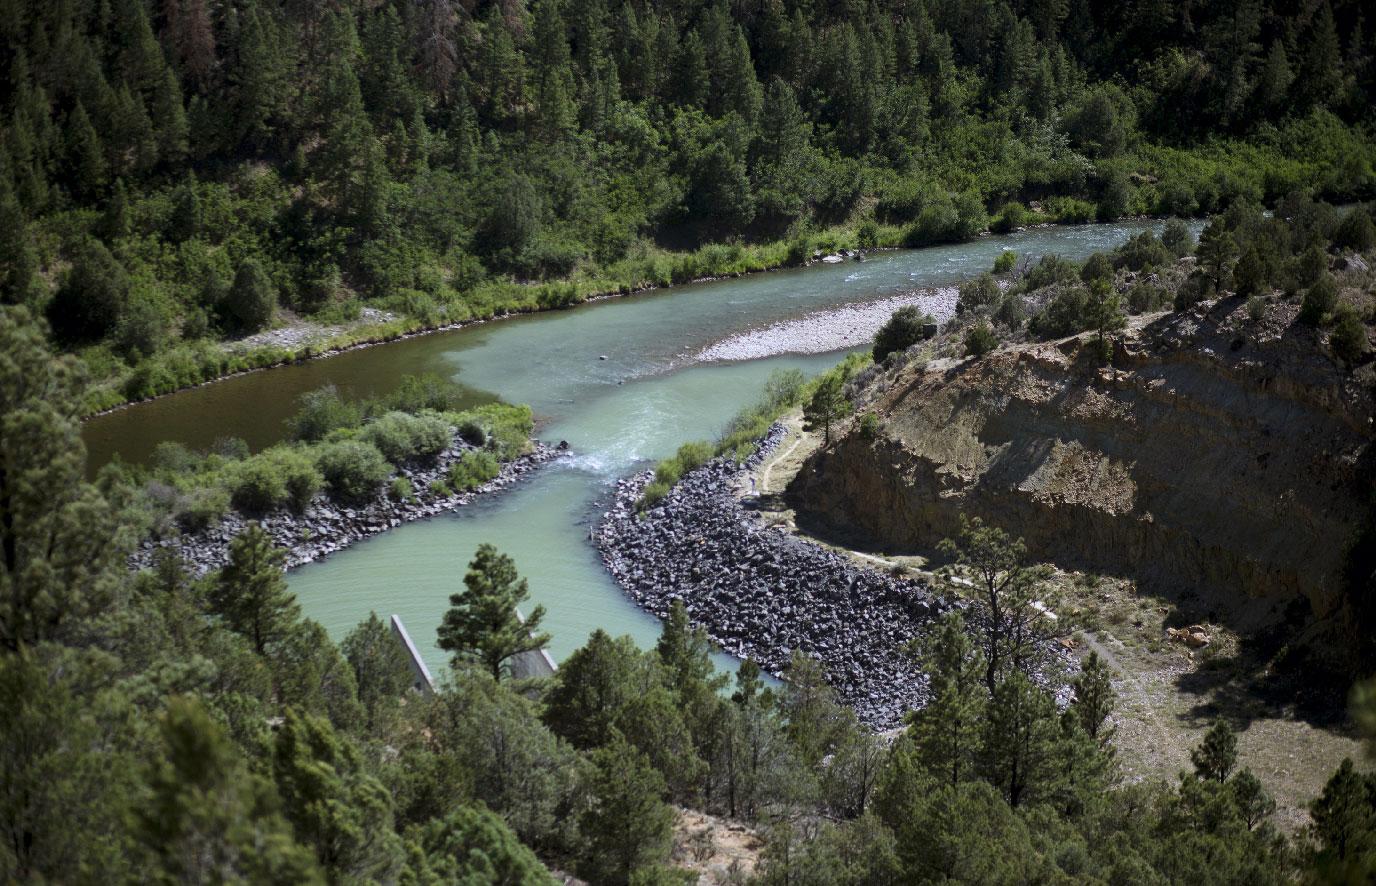 Слияние теплых вод Рио-Чамы схолодным итемным потоком Виллоу-Крик. Конуэй уверен, что это одно измест, которое Форрест Фэнн зашифровал всвоем стихотворении сподсказками длякладоискателей.